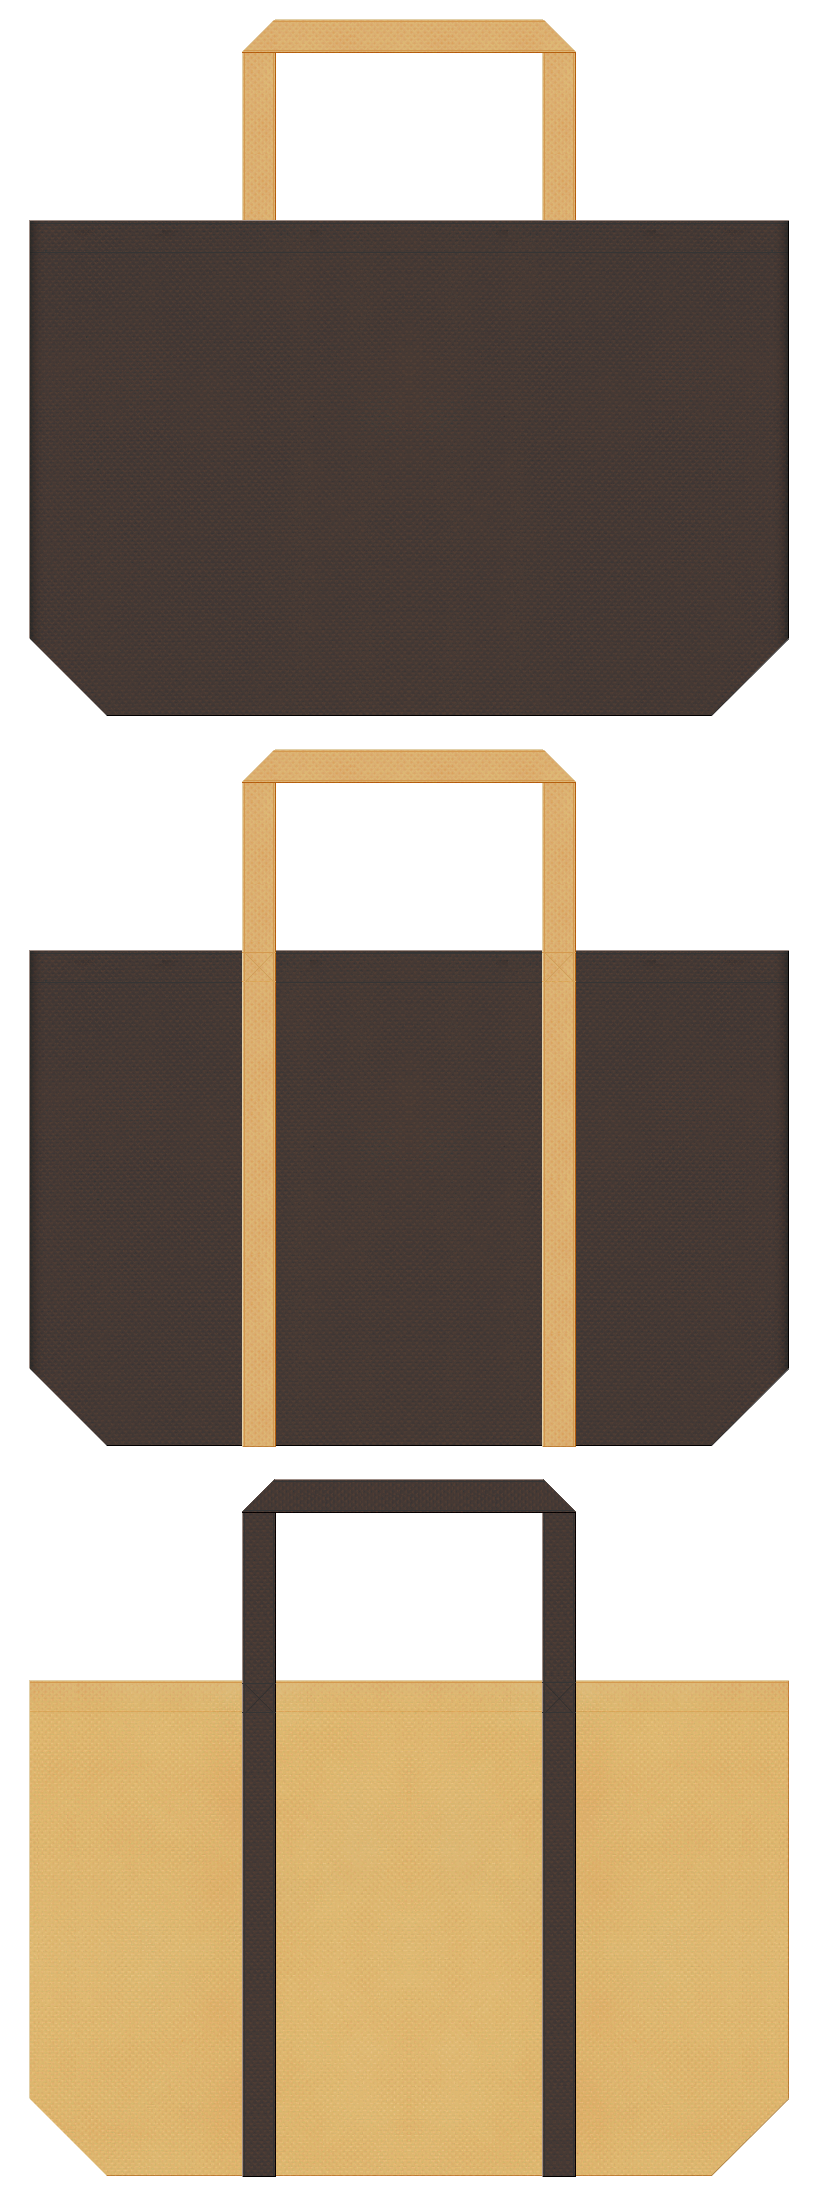 こげ茶色と薄黄土色の不織布バッグデザイン。チョコレートクッキー風の配色で、ベーカリーショップ・ベーカリーカフェにお奨めです。